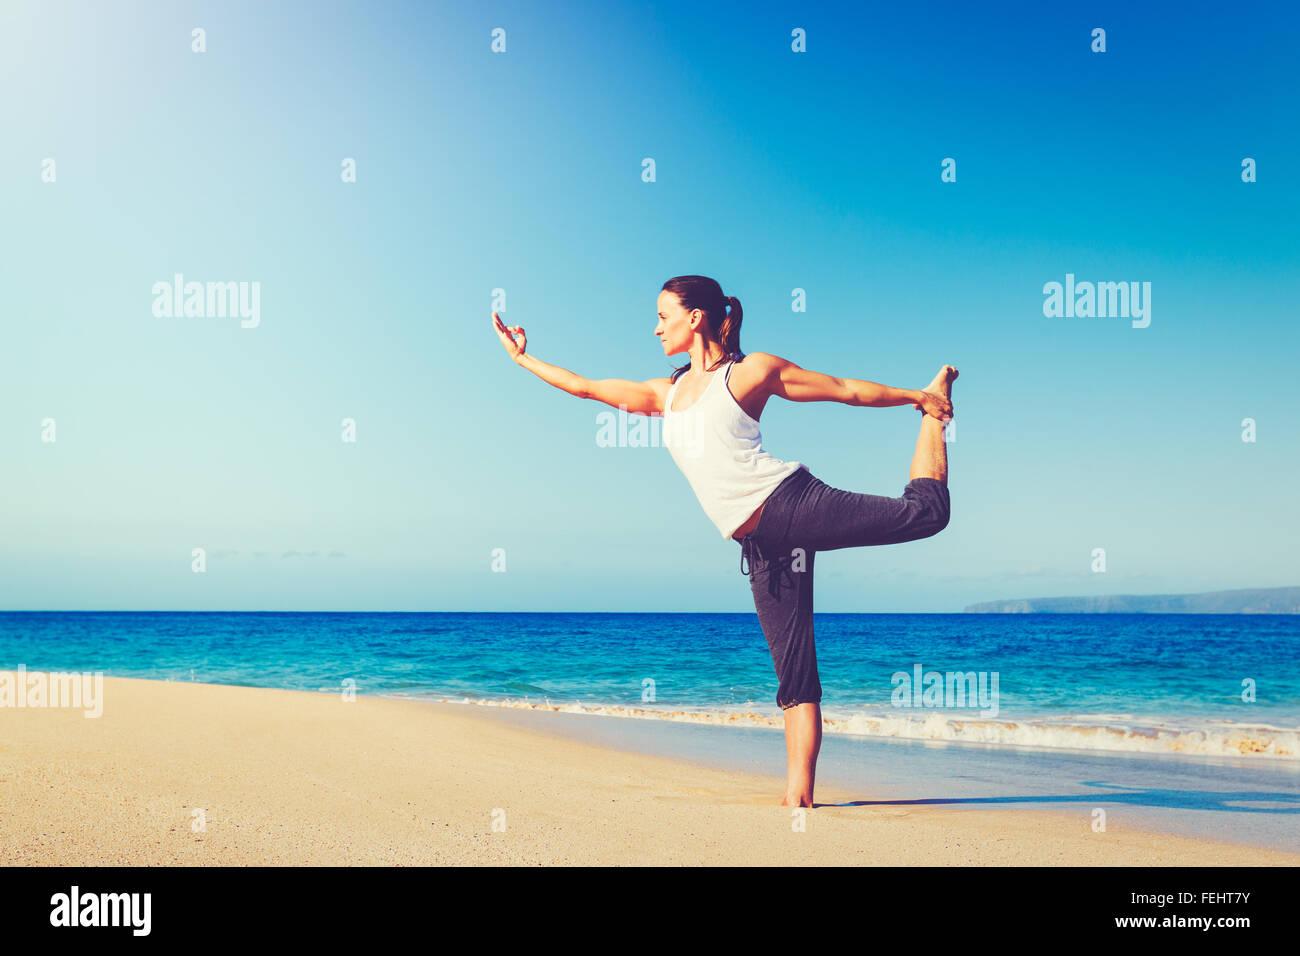 Gesunder Lifestyle-Konzept, schöne junge Frau dehnen praktizieren Yoga am Strand Stockbild